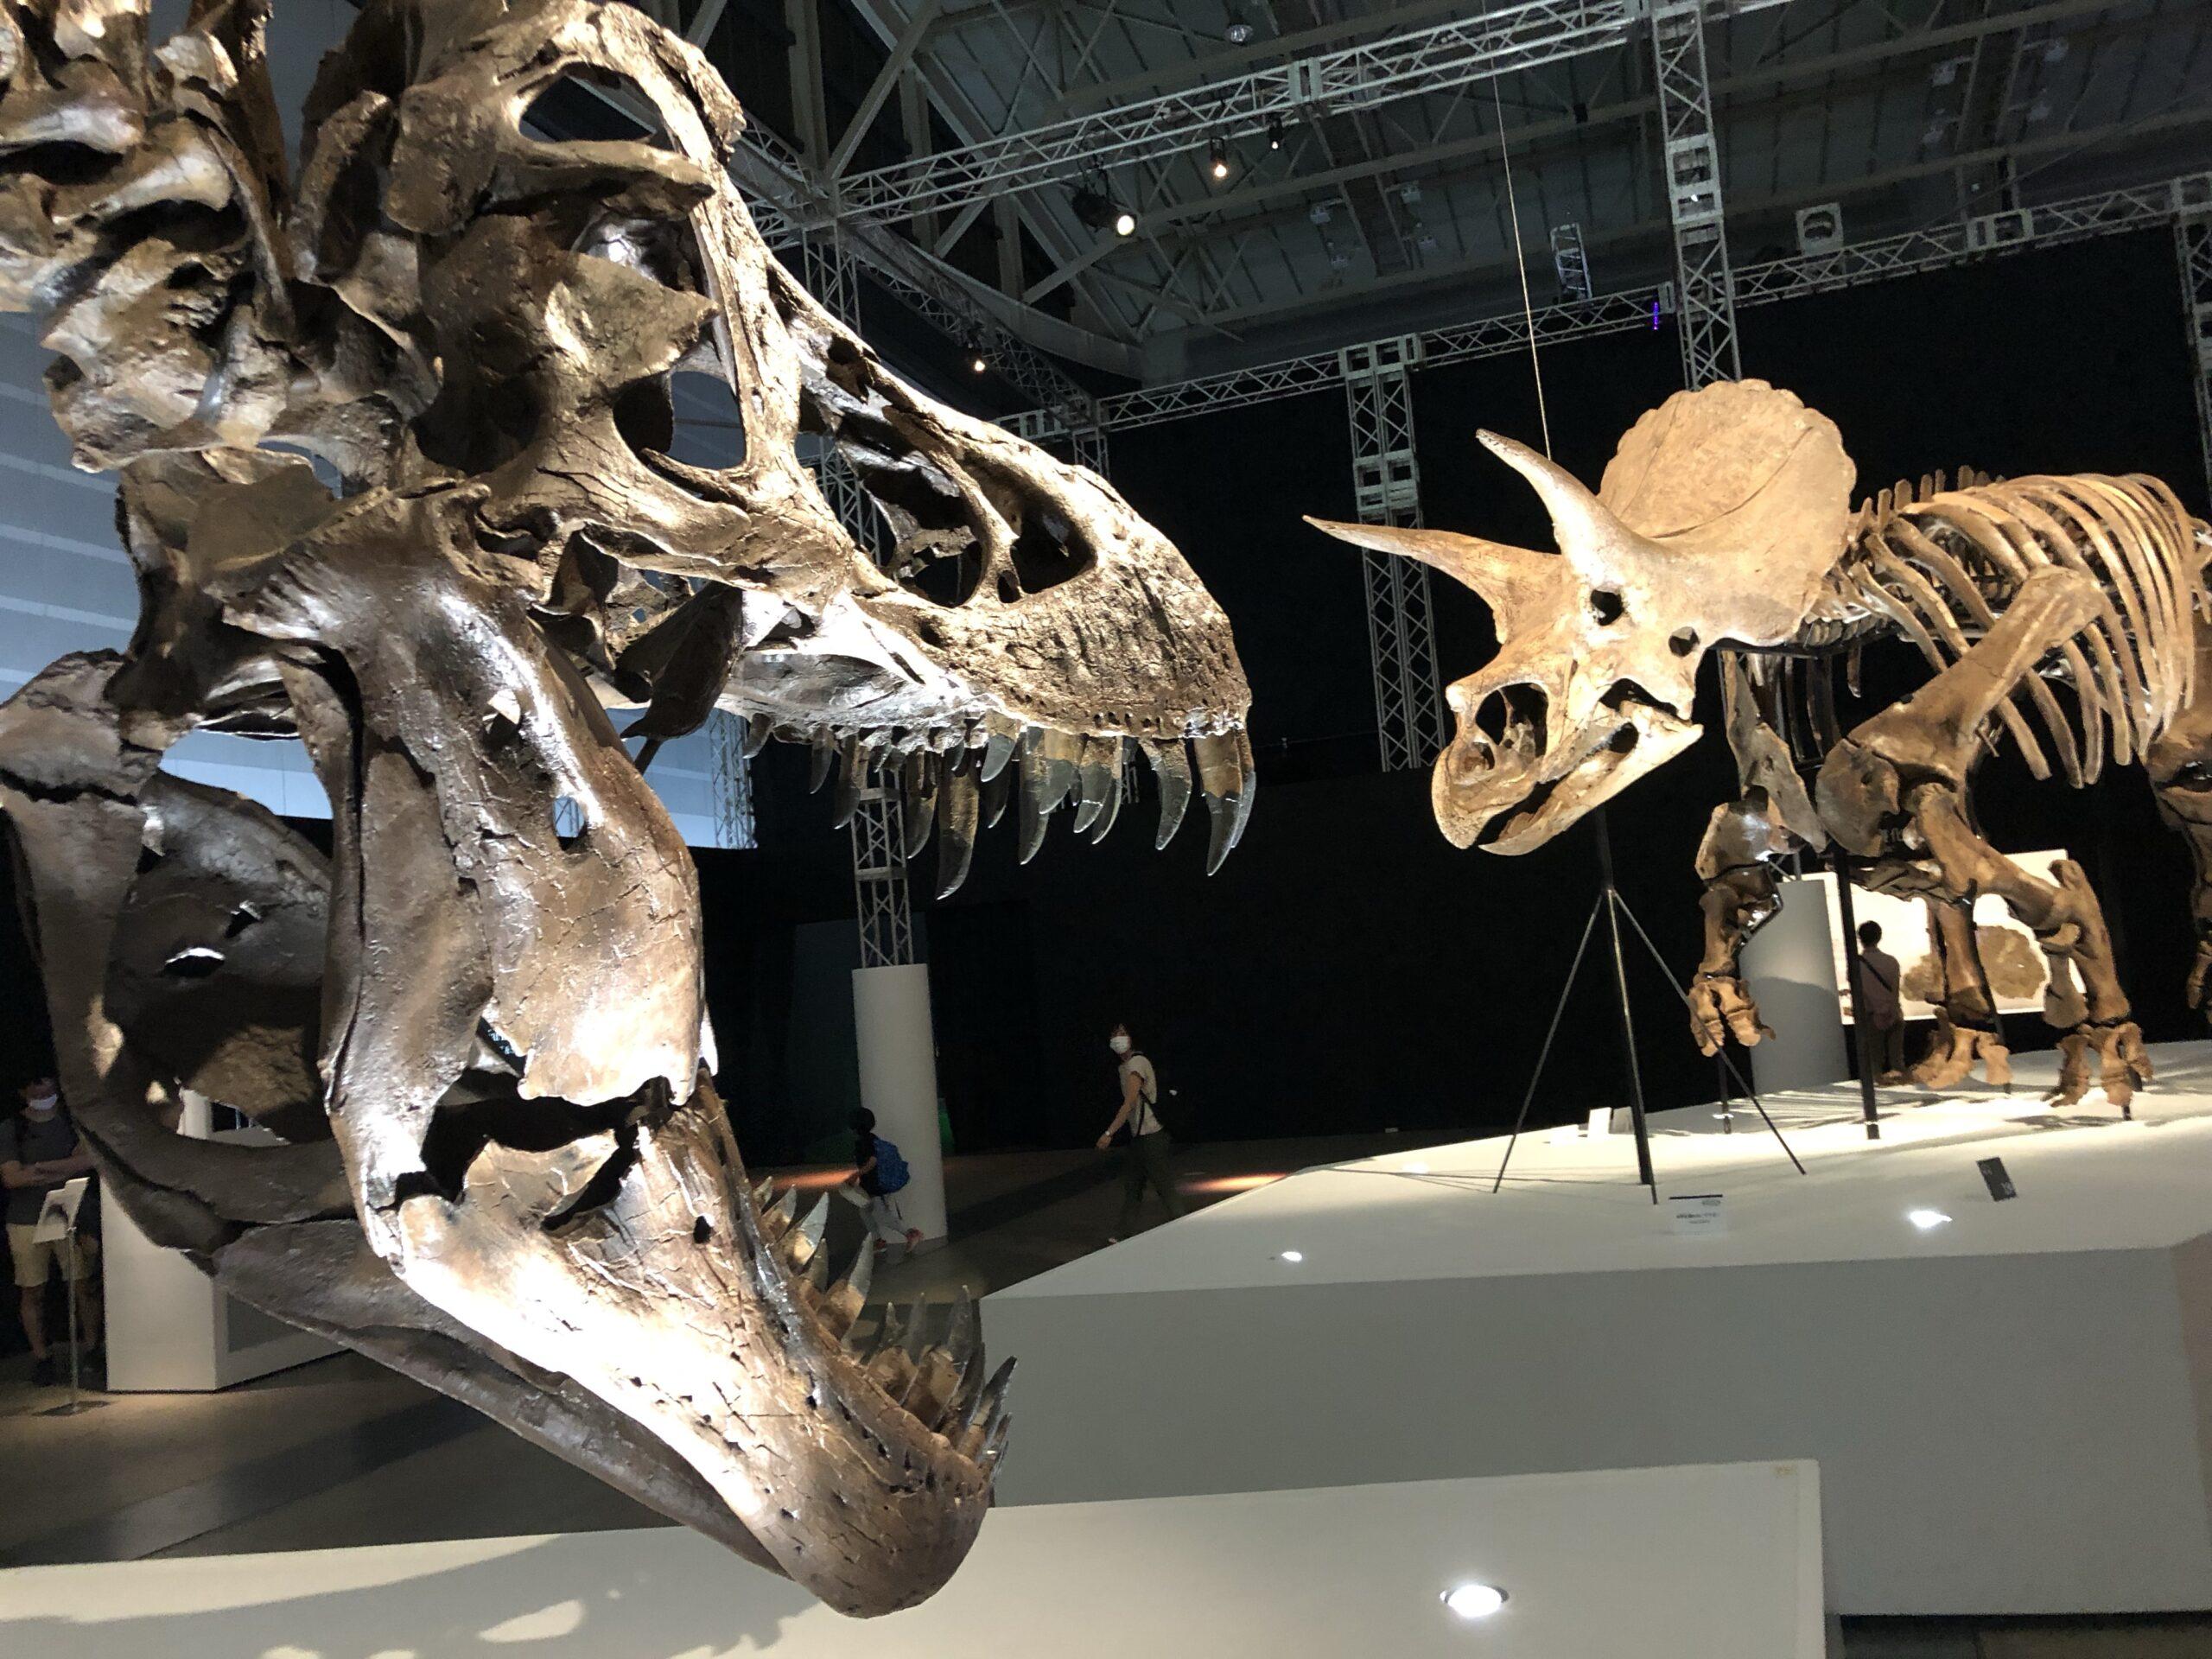 トリケラトプス奇跡の化石「レイン」ついに日本へ!恐竜科学博@横浜